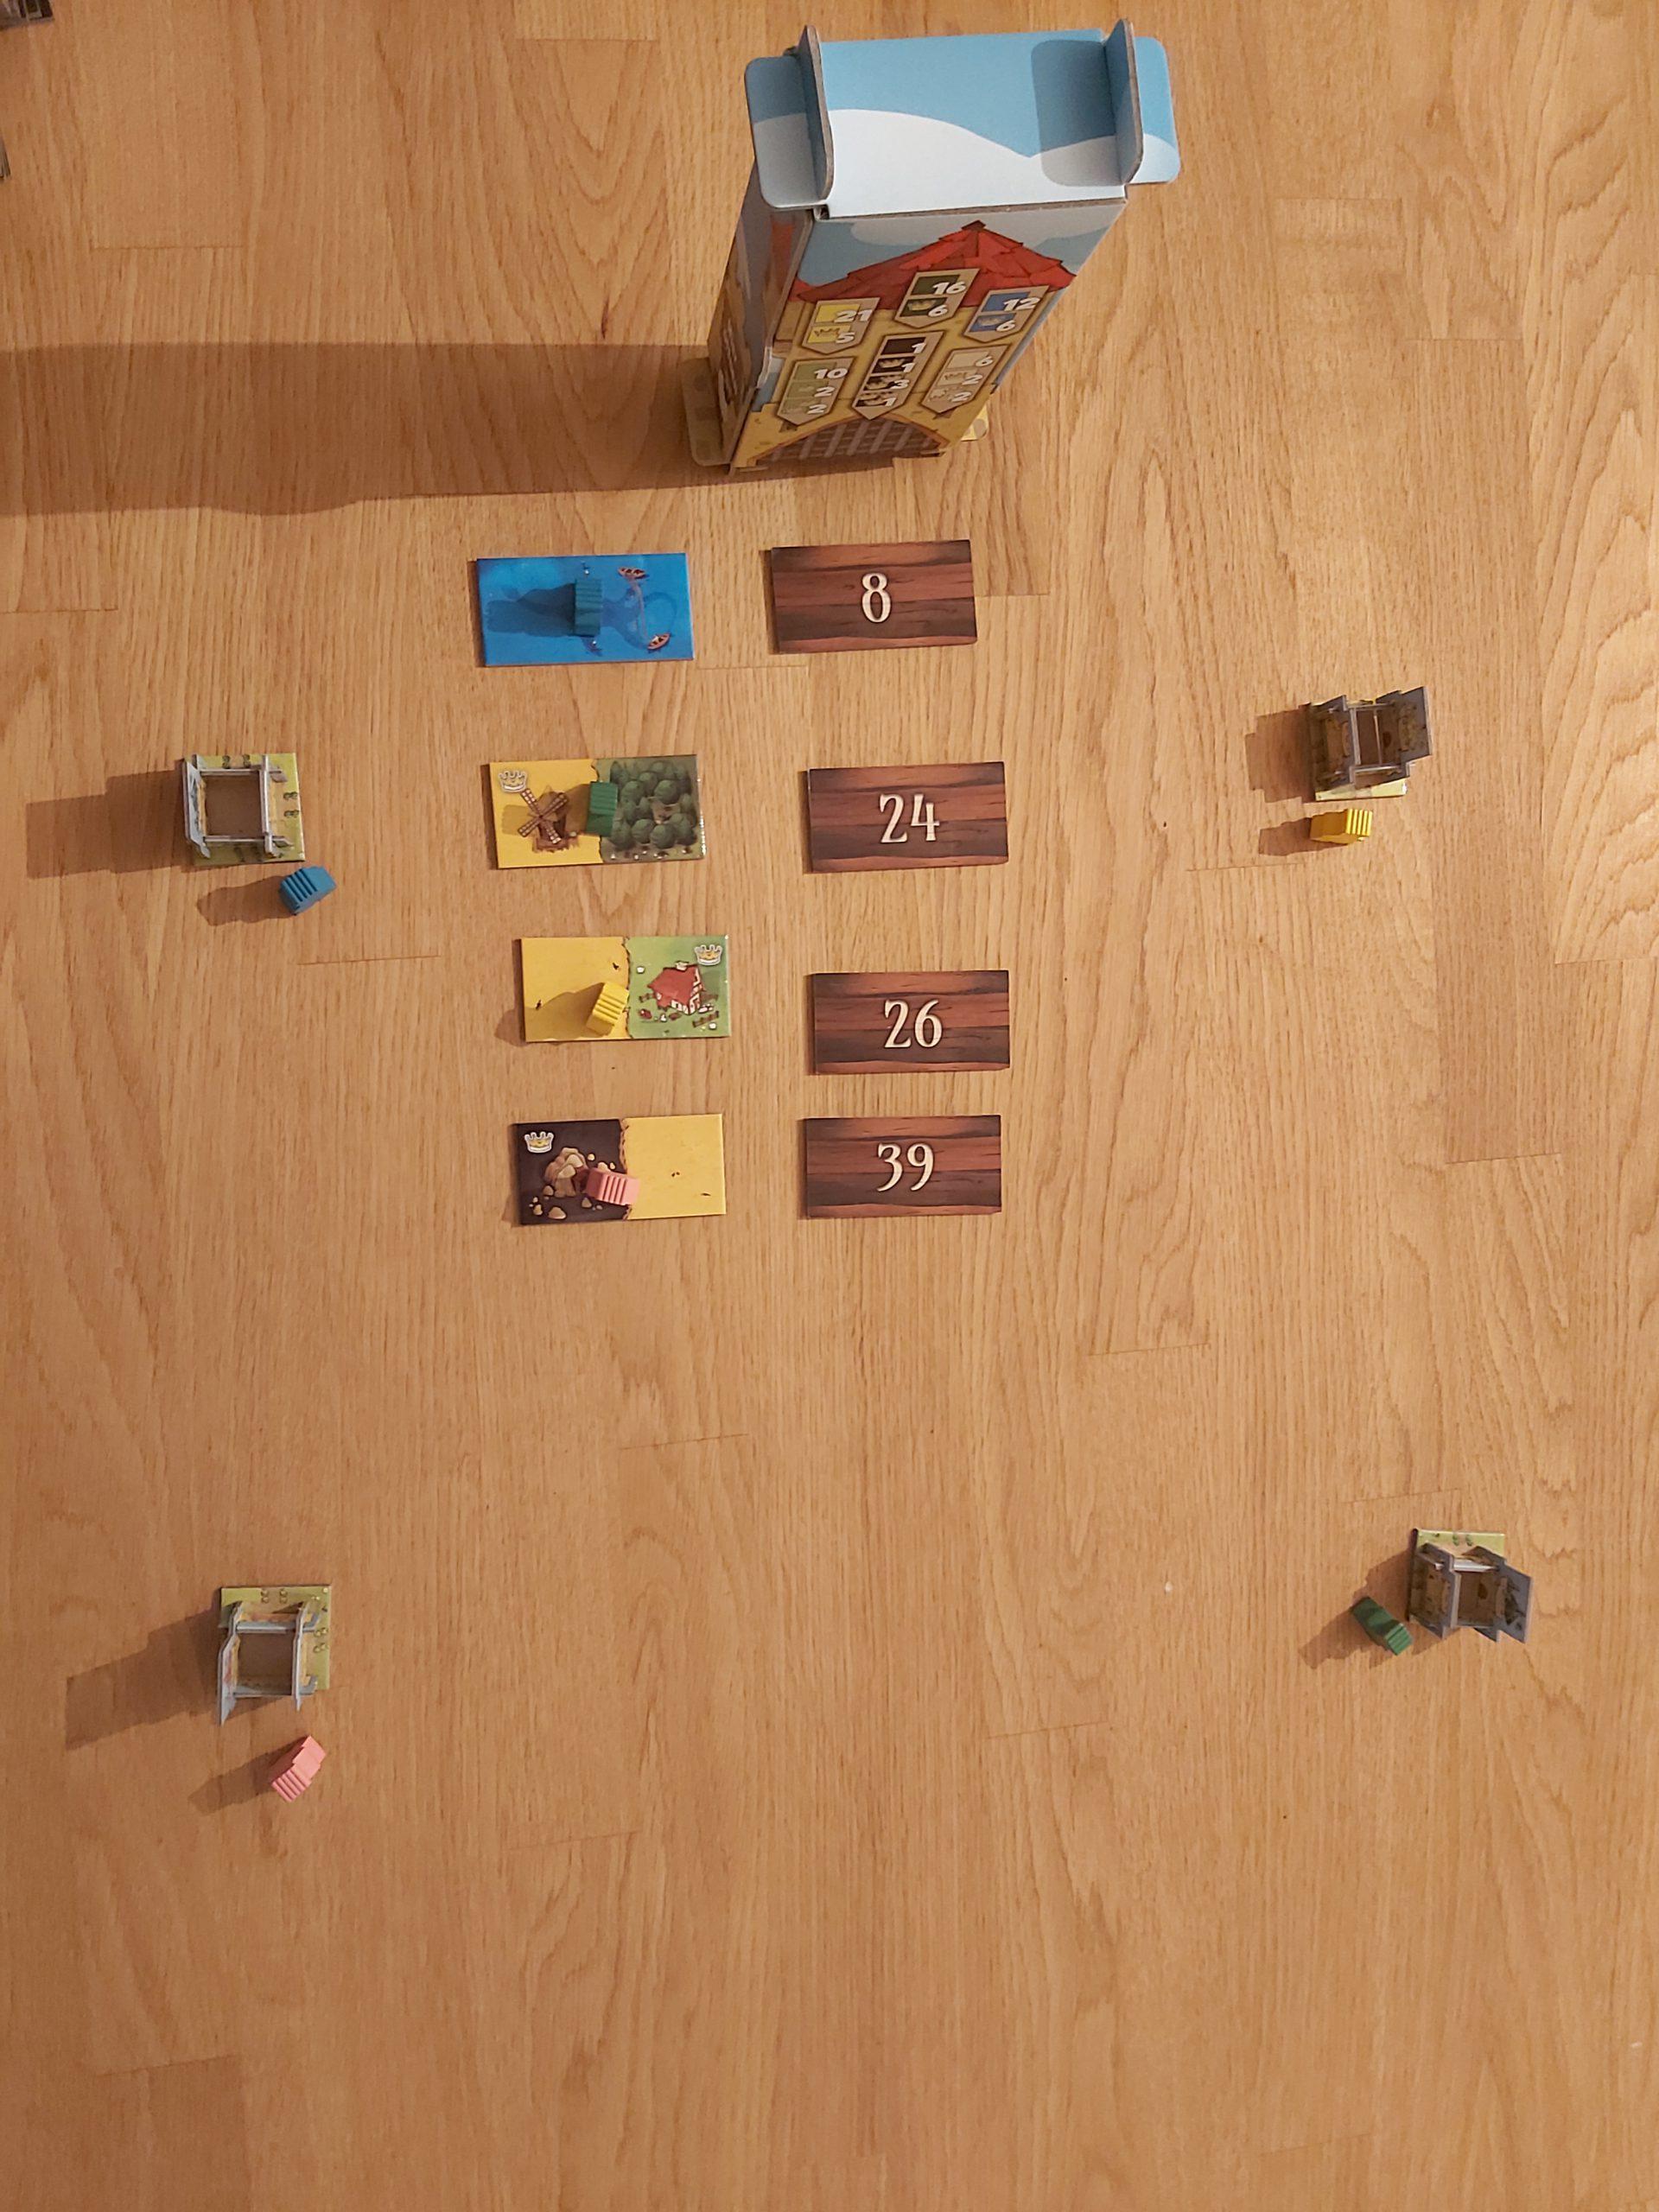 Zu sehen ist der Spielaufbau von Kingdomino für 4 Spielende